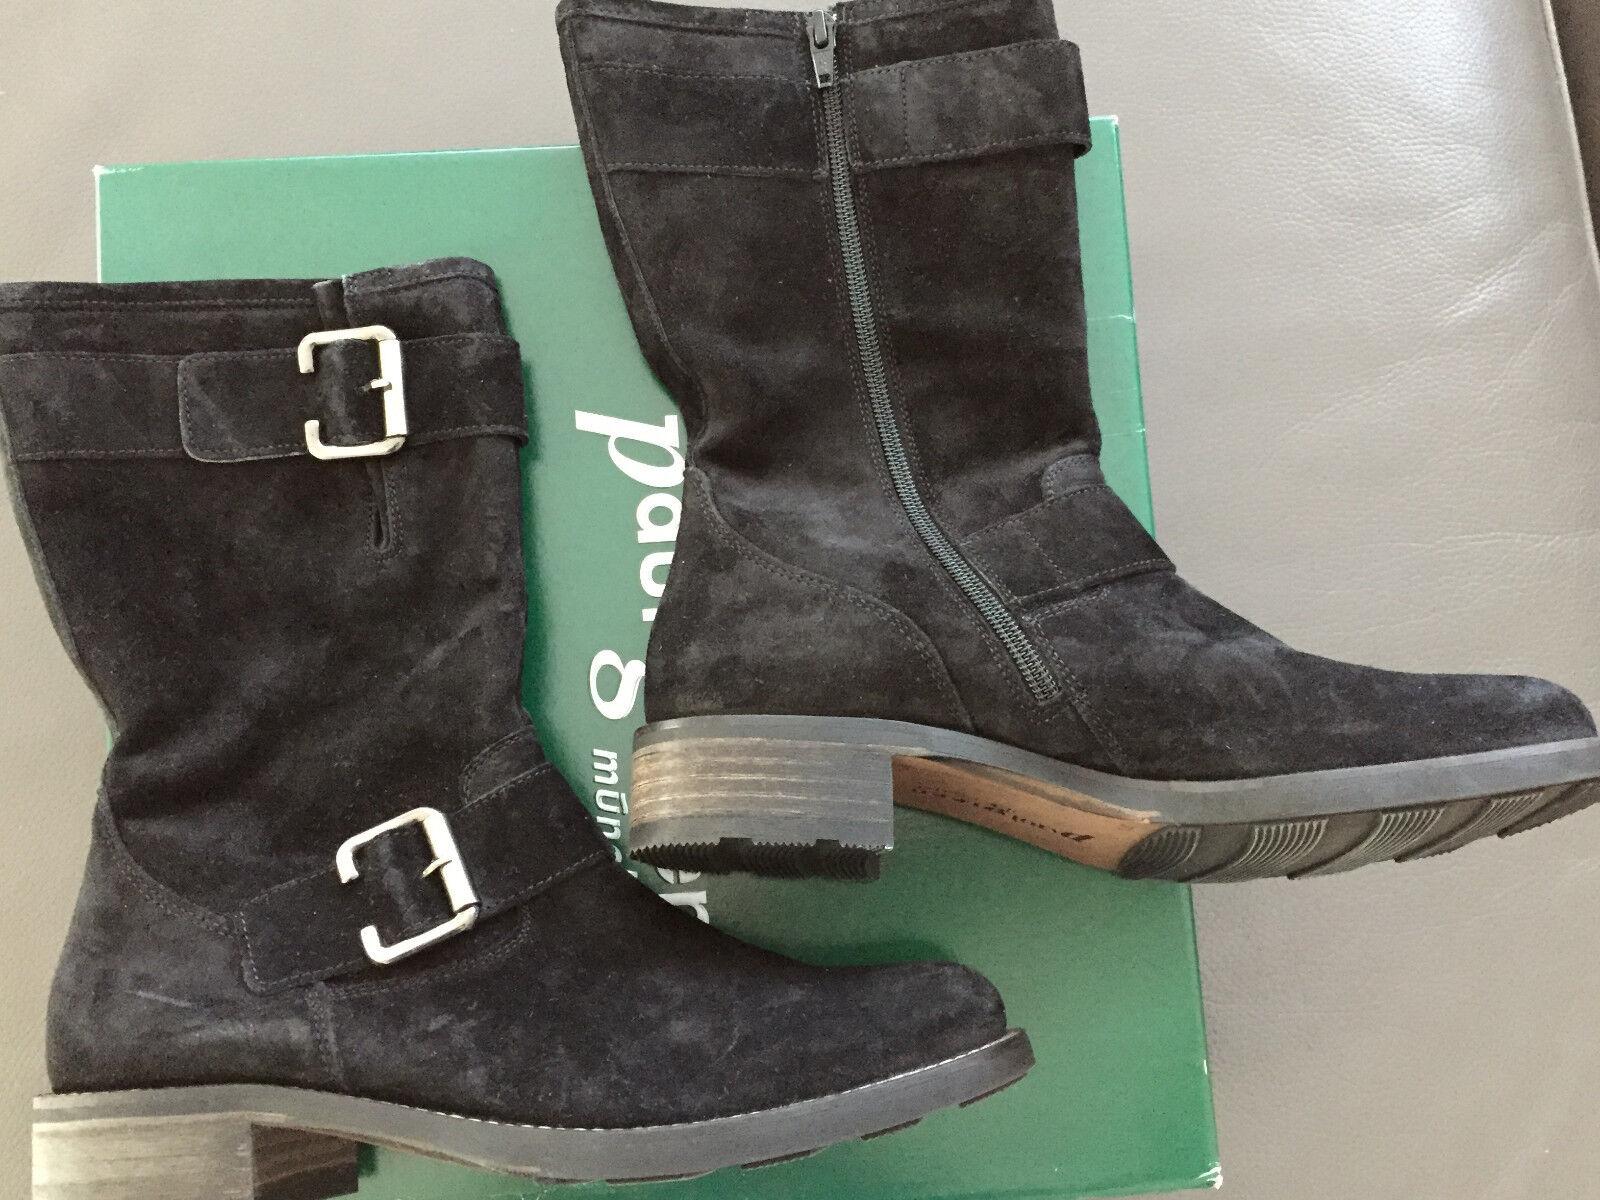 Paul Grün Damen Biker Stiefel, Velourleder Stiefel,Stiefelette Gr. 38,5, schwarz, Velourleder Stiefel, 8a480d